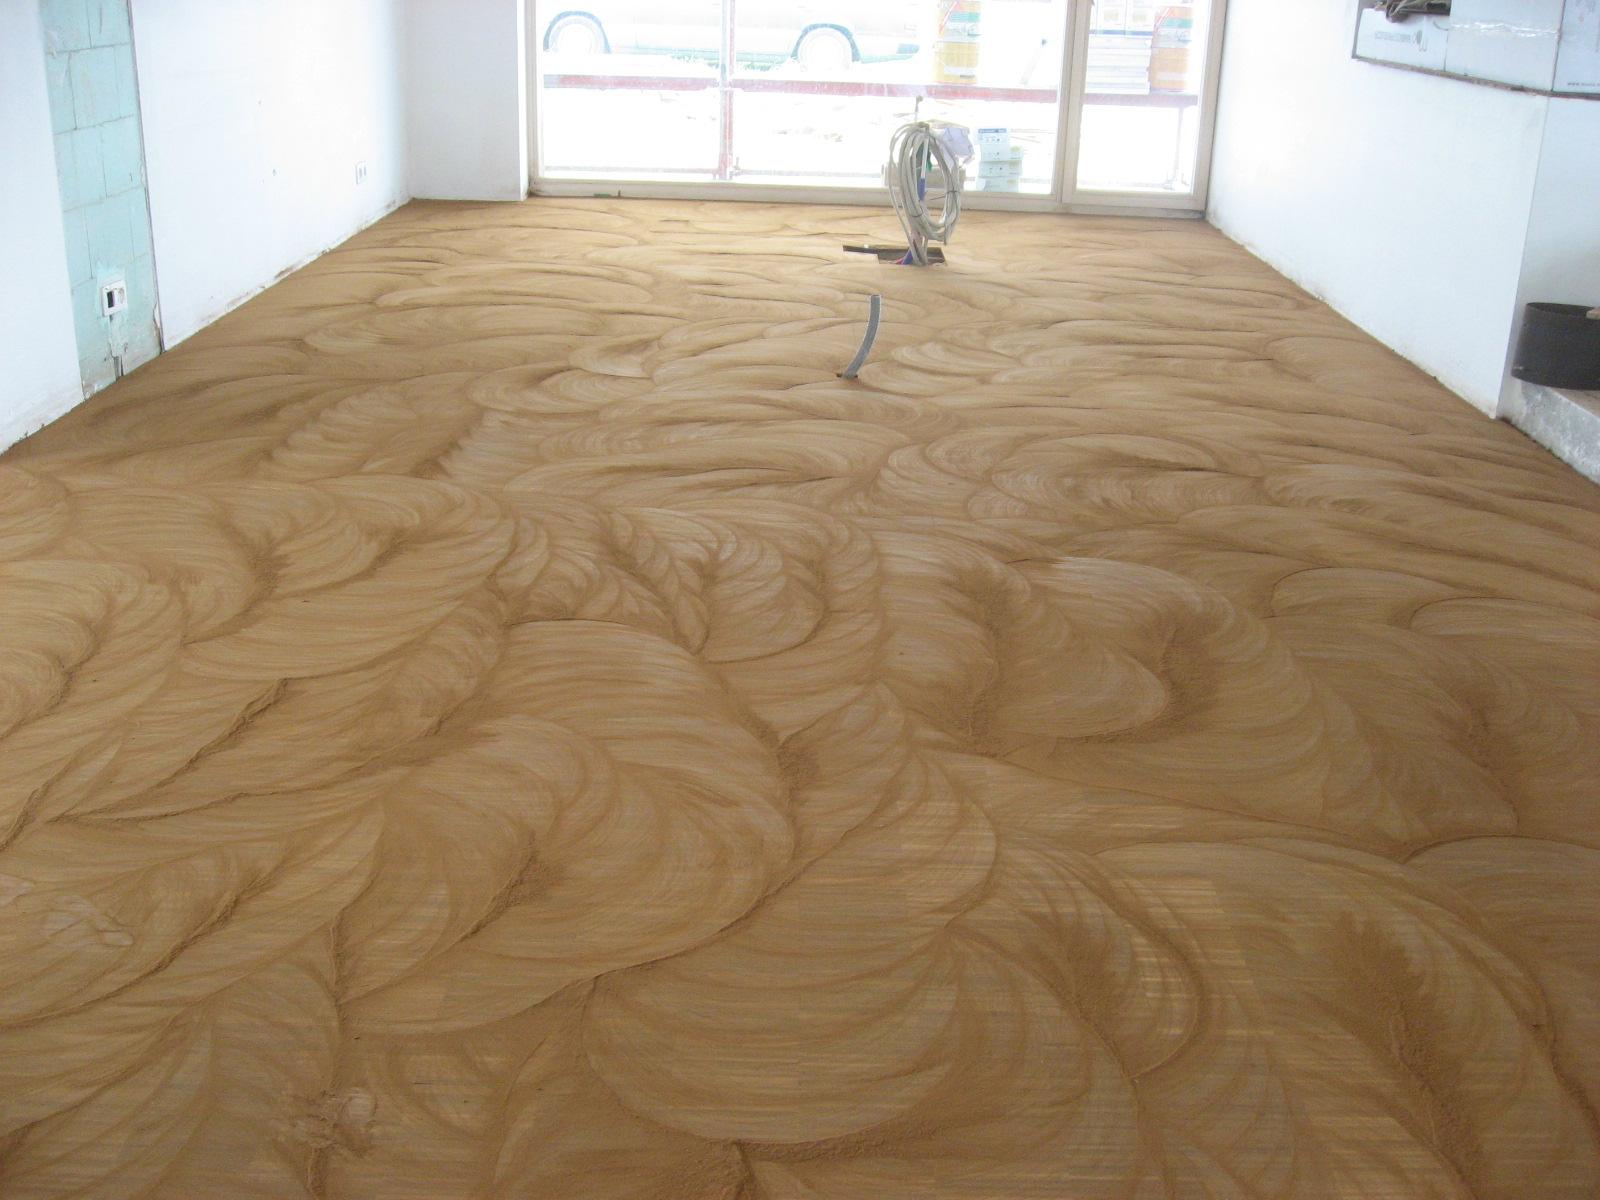 Bamboe vloer vloerverwarming goedkope meubels goedkope